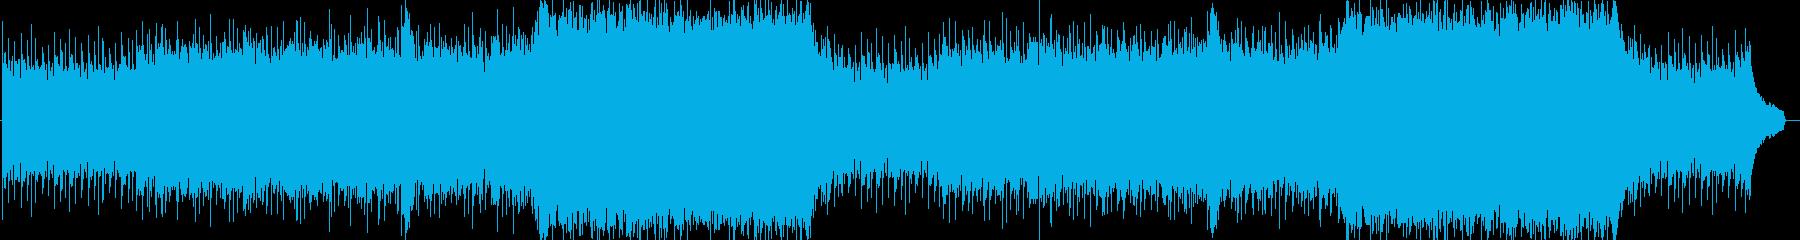 企業VPや映像53、爽快、オーケストラaの再生済みの波形